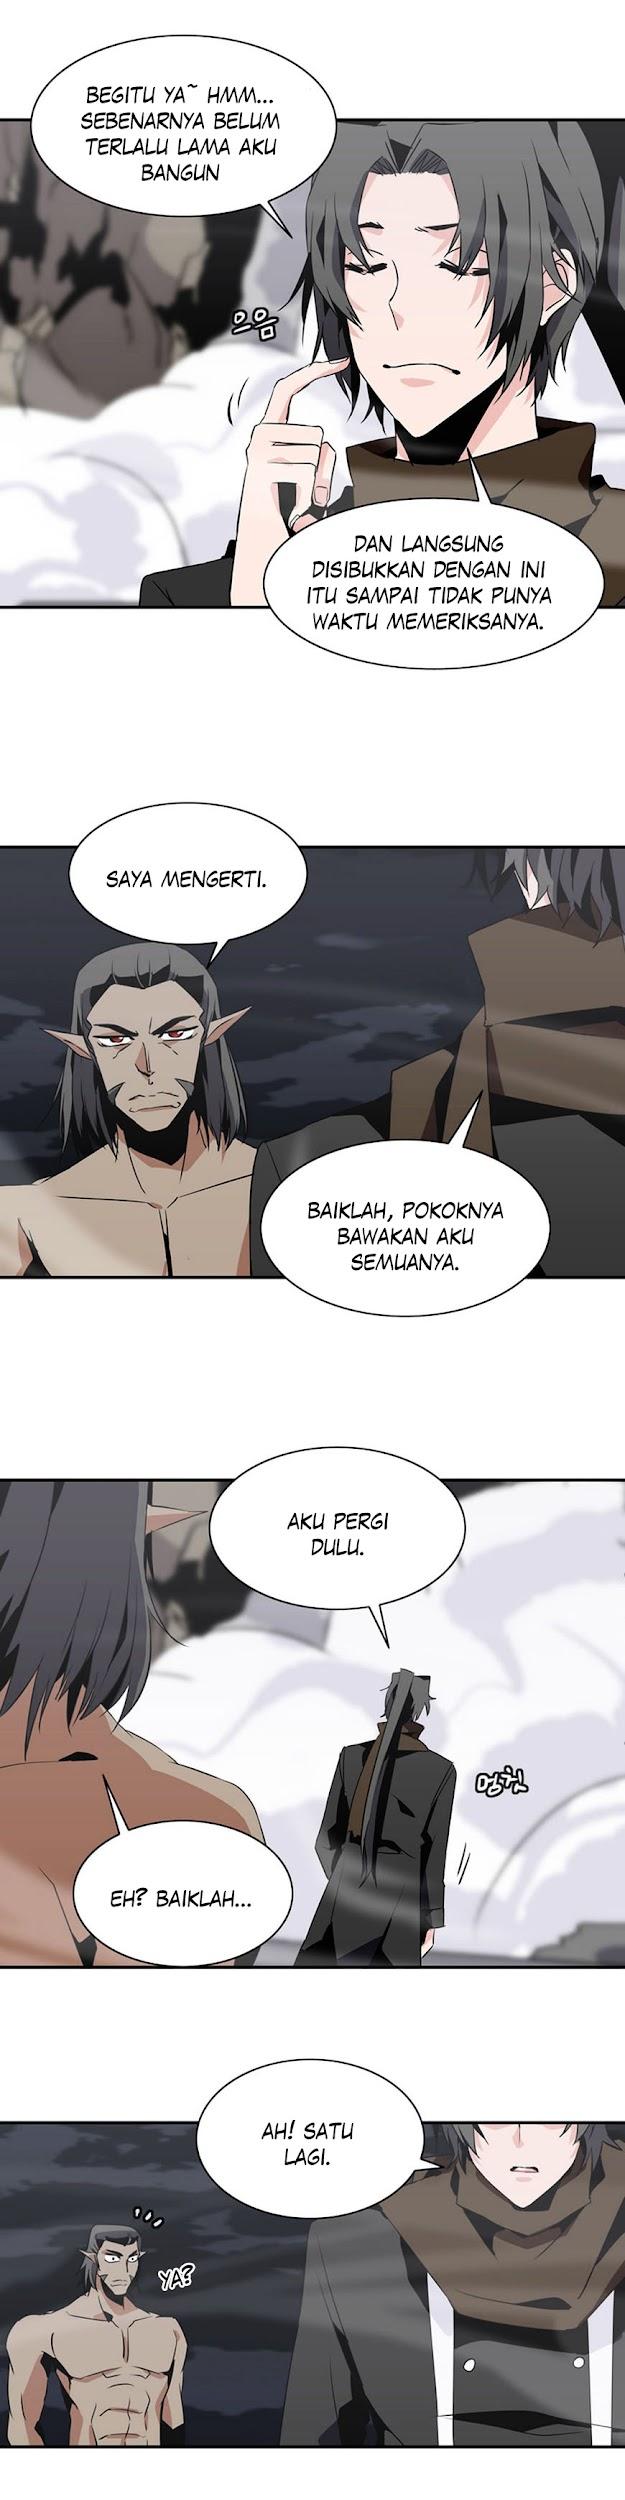 Dilarang COPAS - situs resmi www.mangacanblog.com - Komik wizardly tower 037 - chapter 037 38 Indonesia wizardly tower 037 - chapter 037 Terbaru 8 Baca Manga Komik Indonesia Mangacan